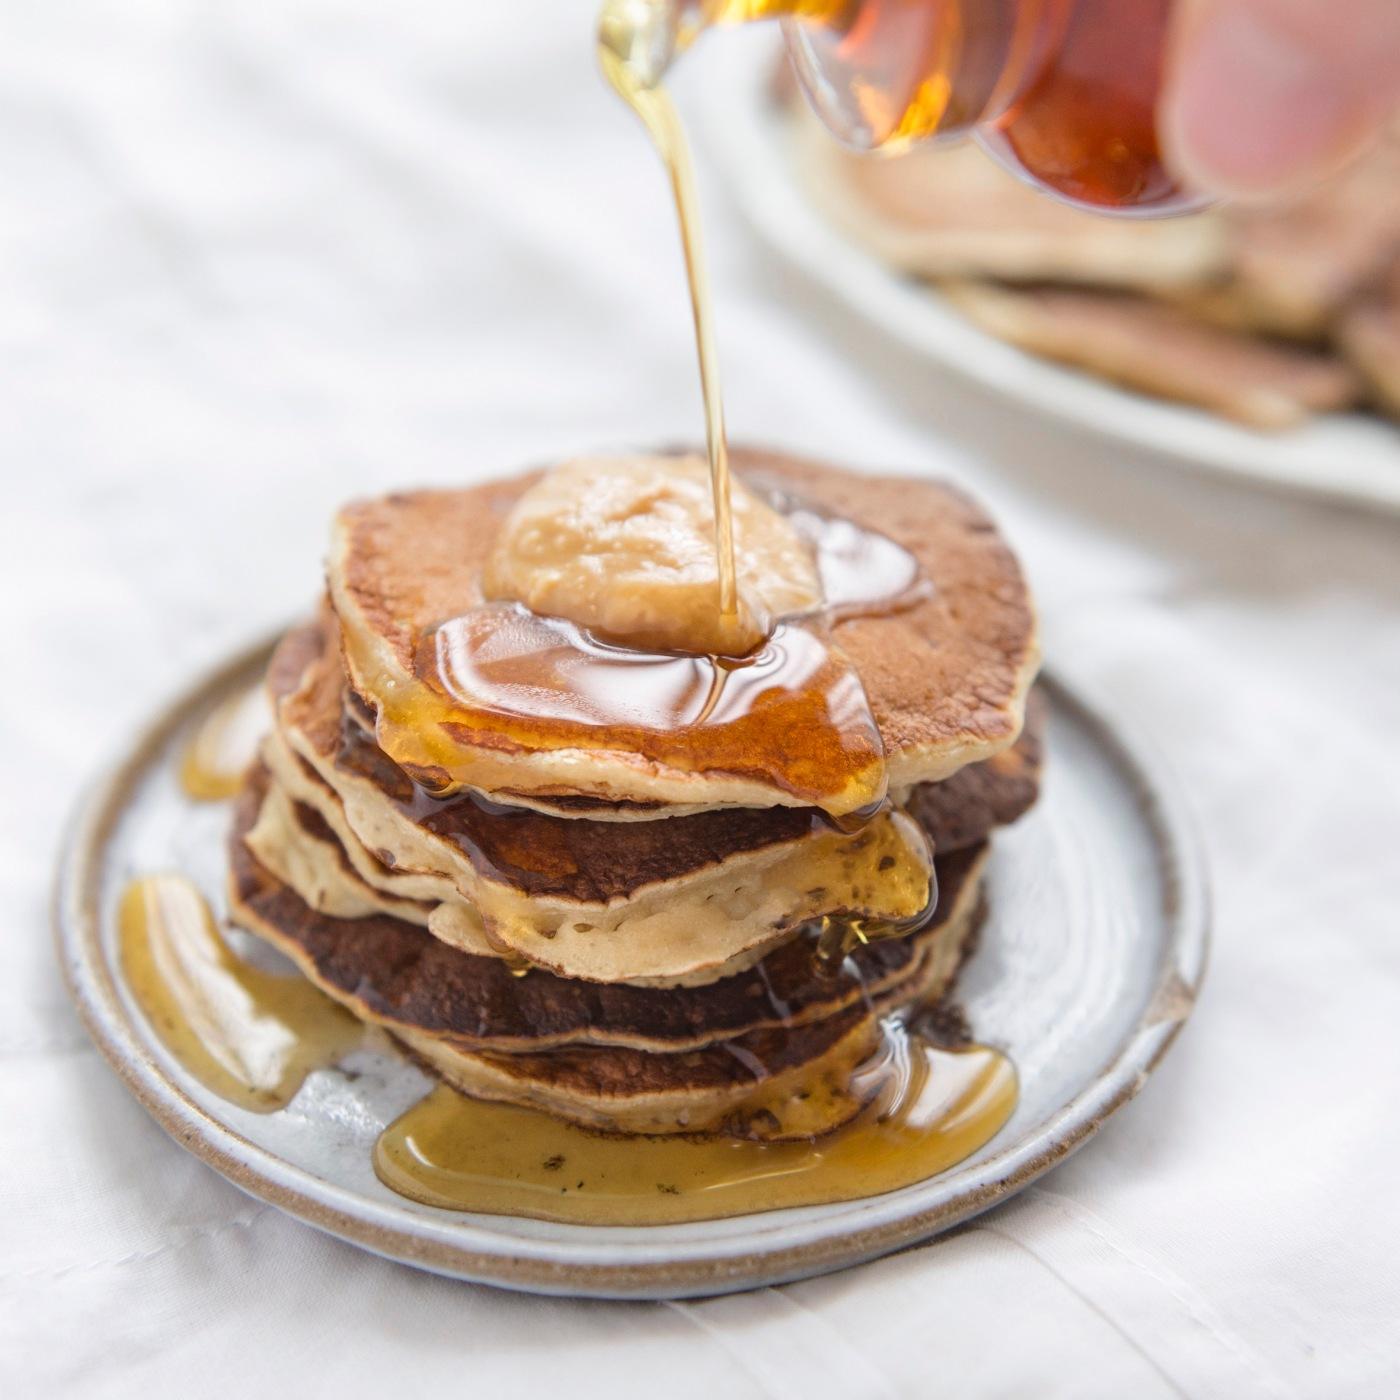 Photo du dessus d'une pile de pancakes avec sirop d'érable et beurre de cacahuète.